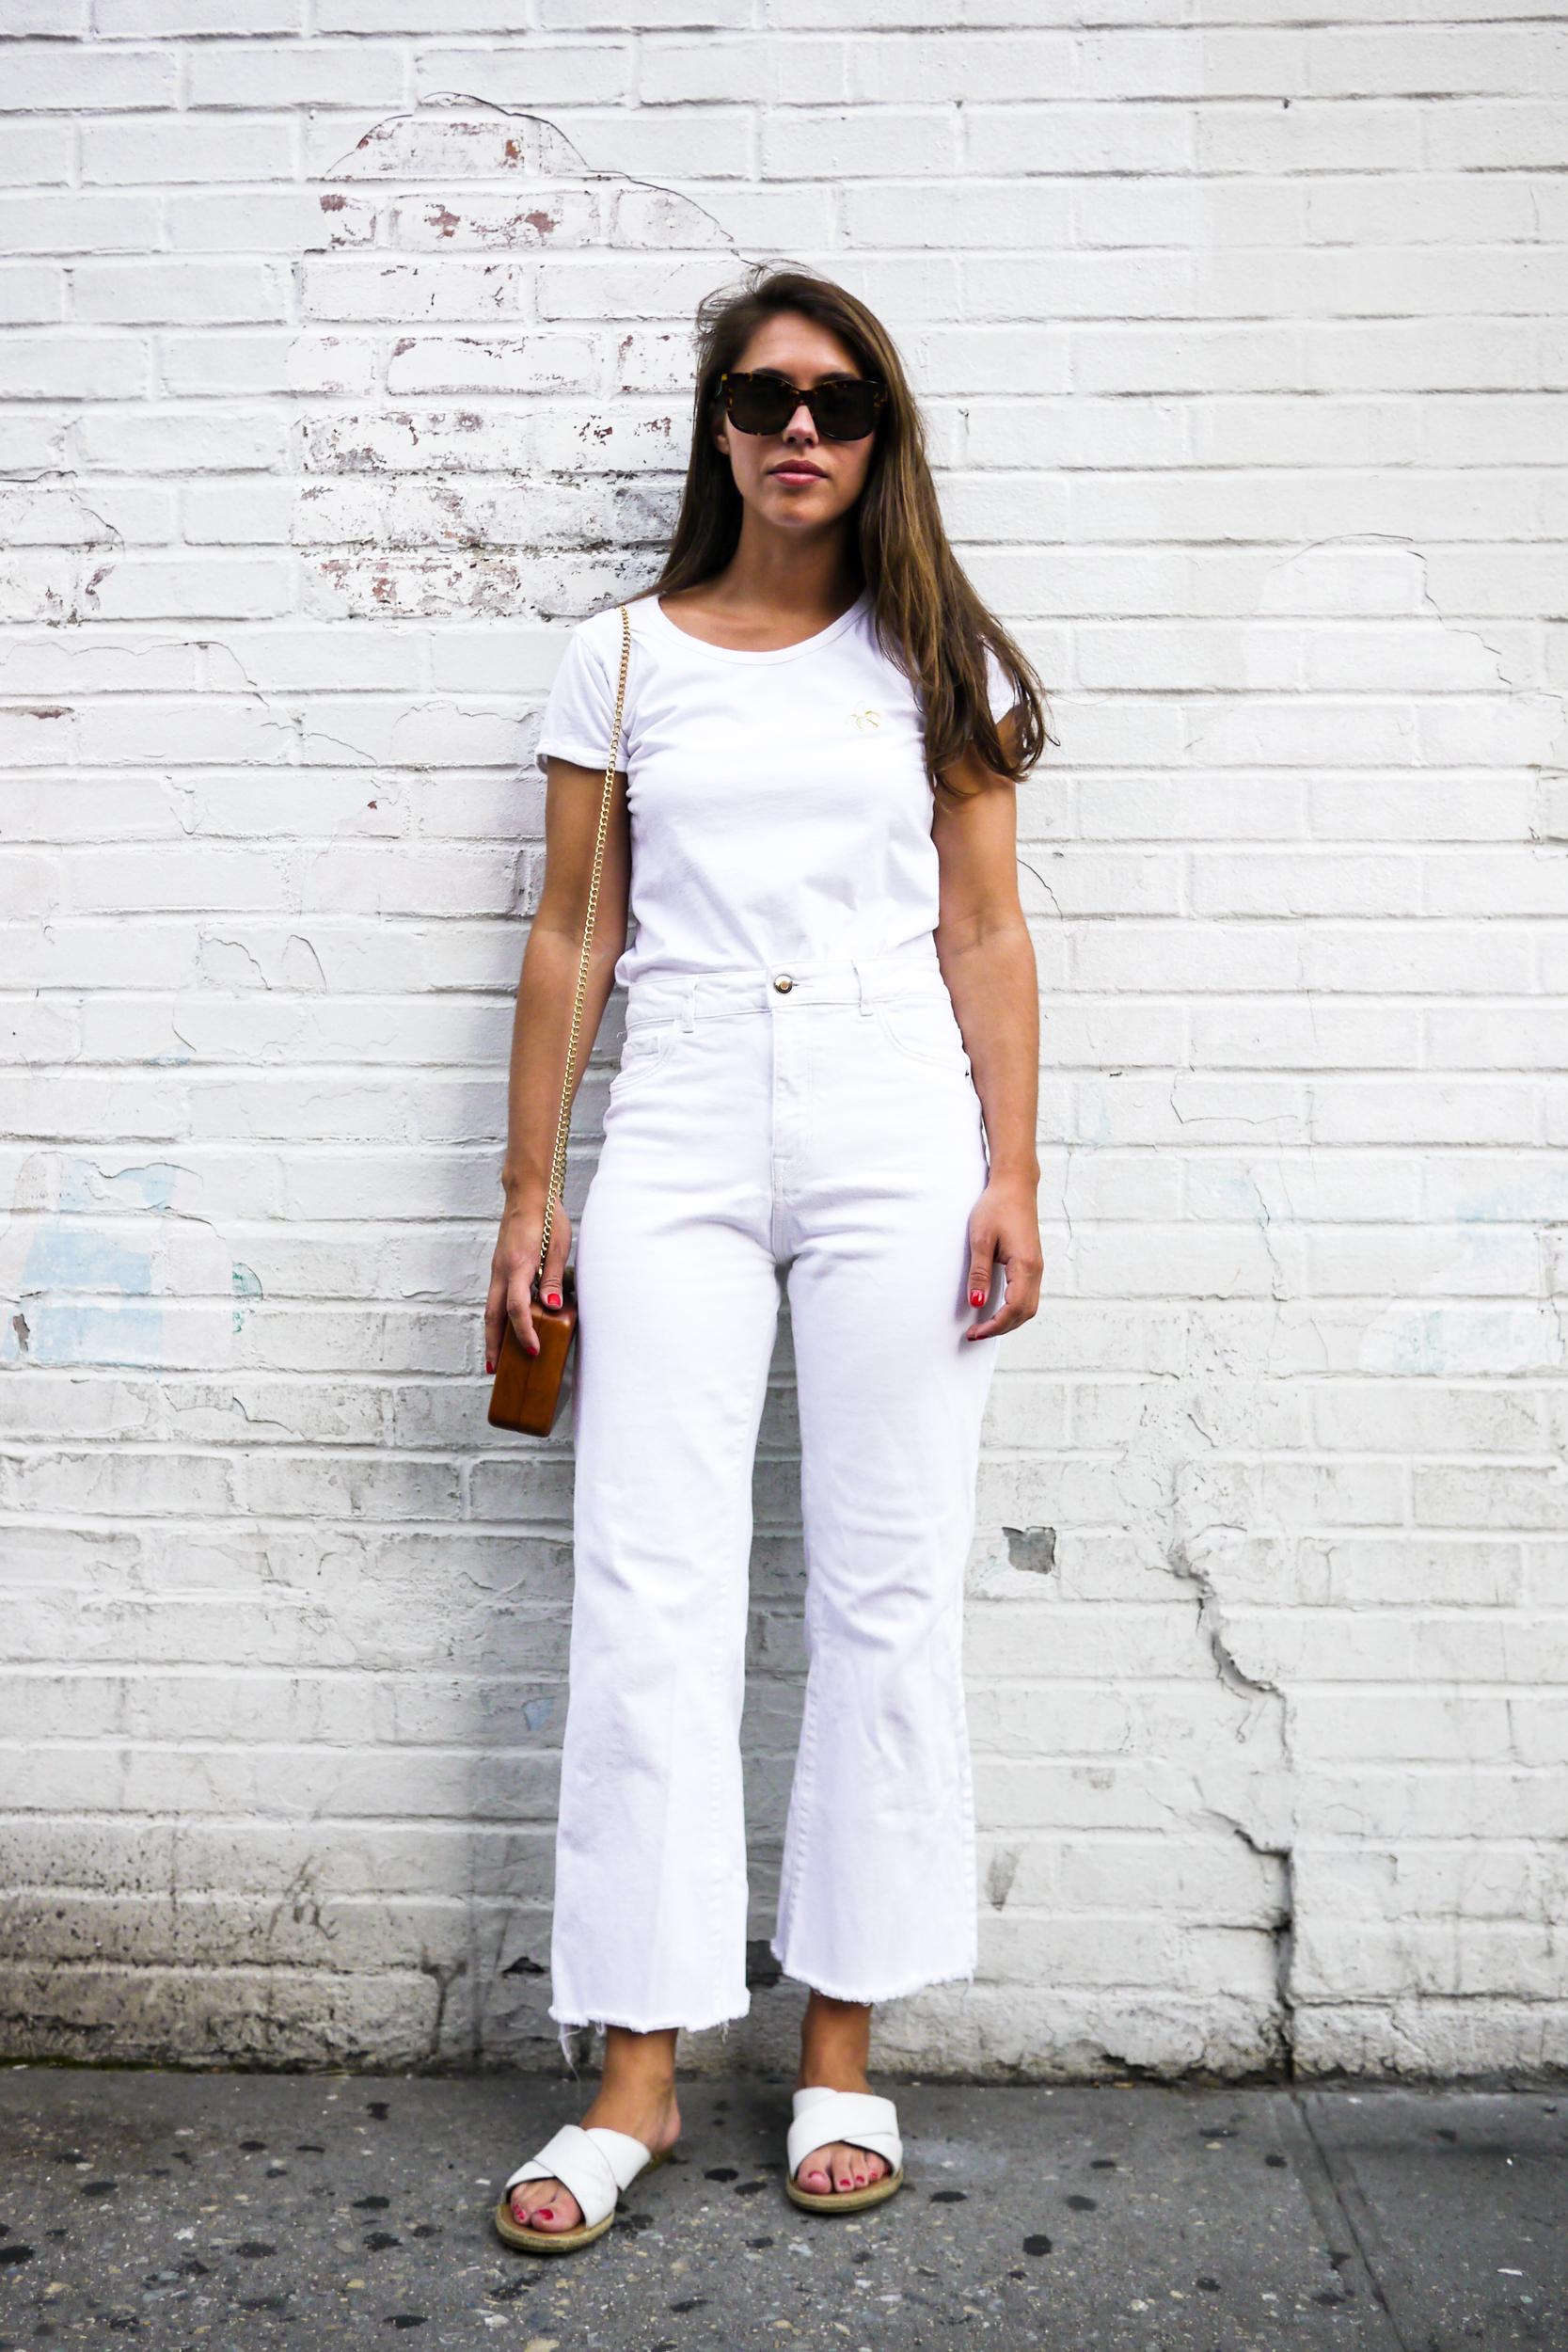 Top:    Maison Labiche Banana T Shirt   ; Jeans:    DL 1961 Hepburn High Rise Wide Leg Jeans   ; Clutch: Orphelia Square Wood Clutch